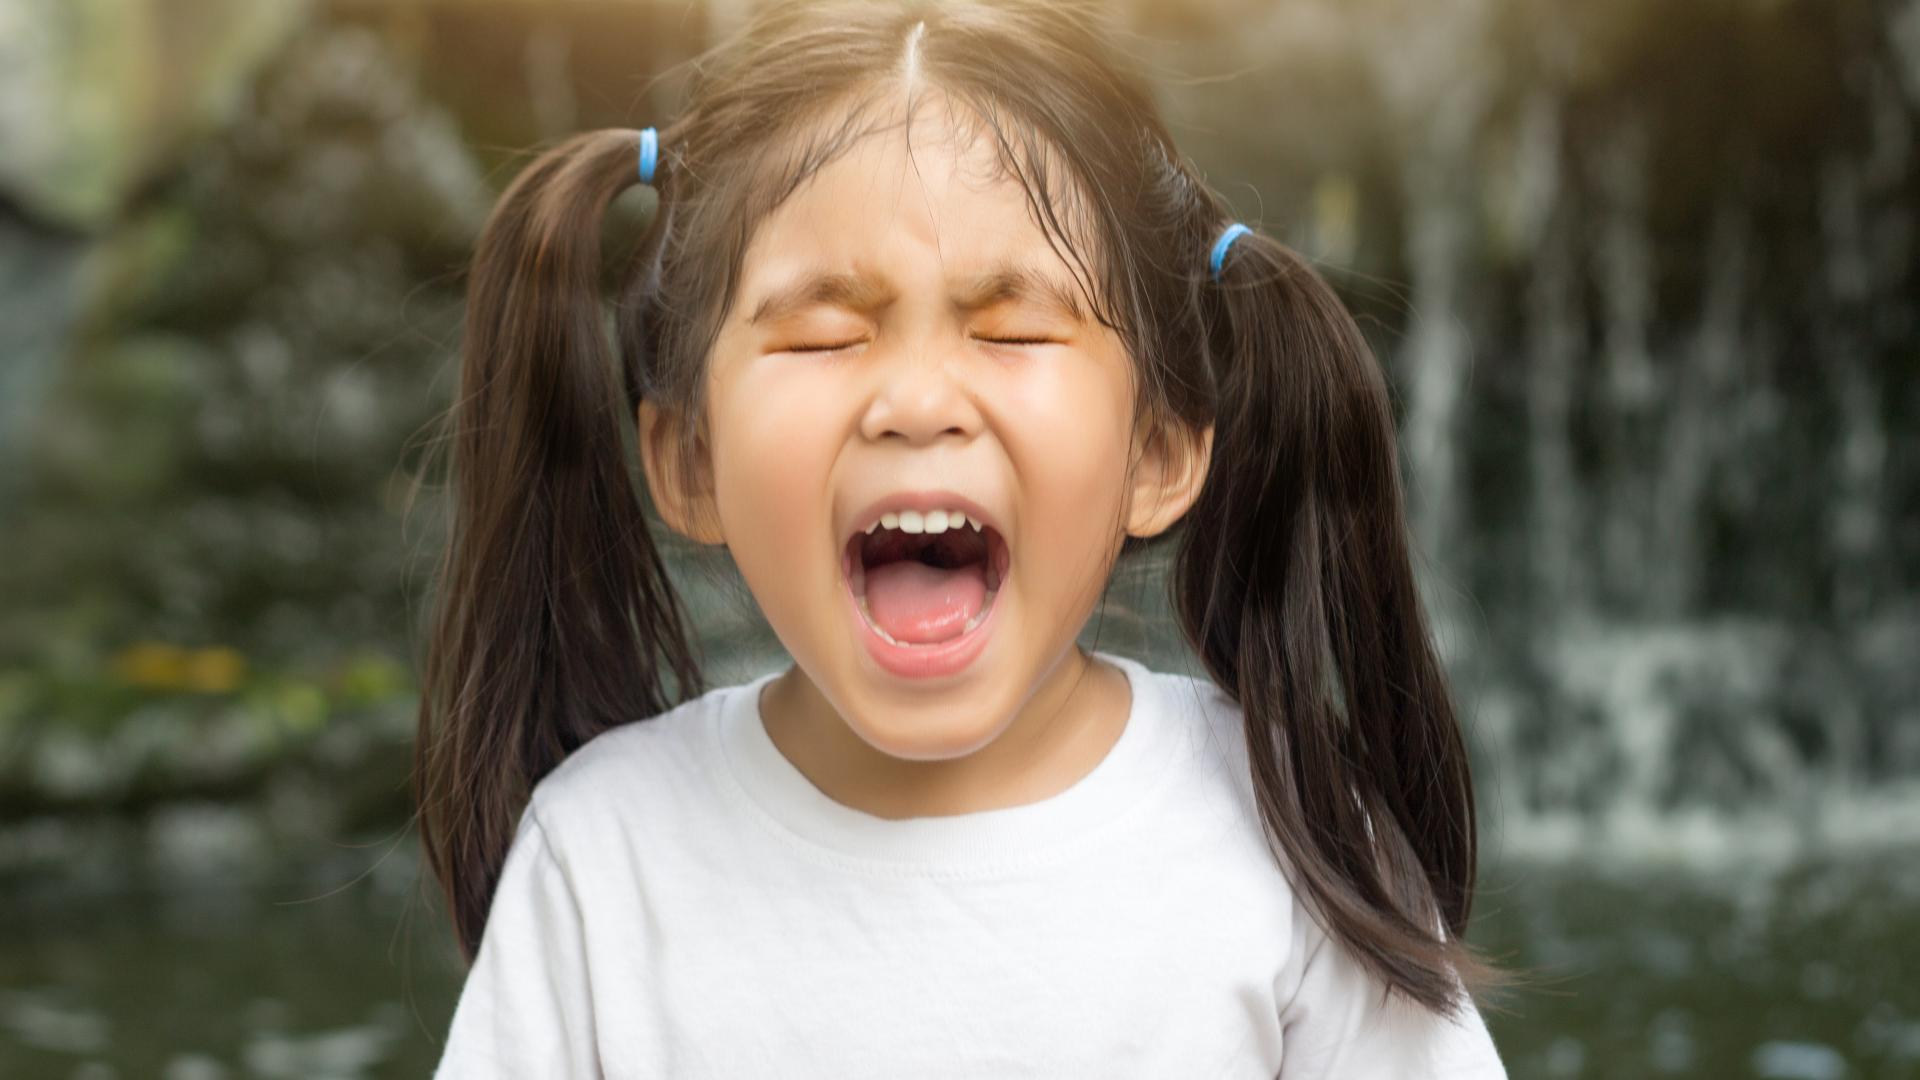 behavioural problem in children throwing tantrum